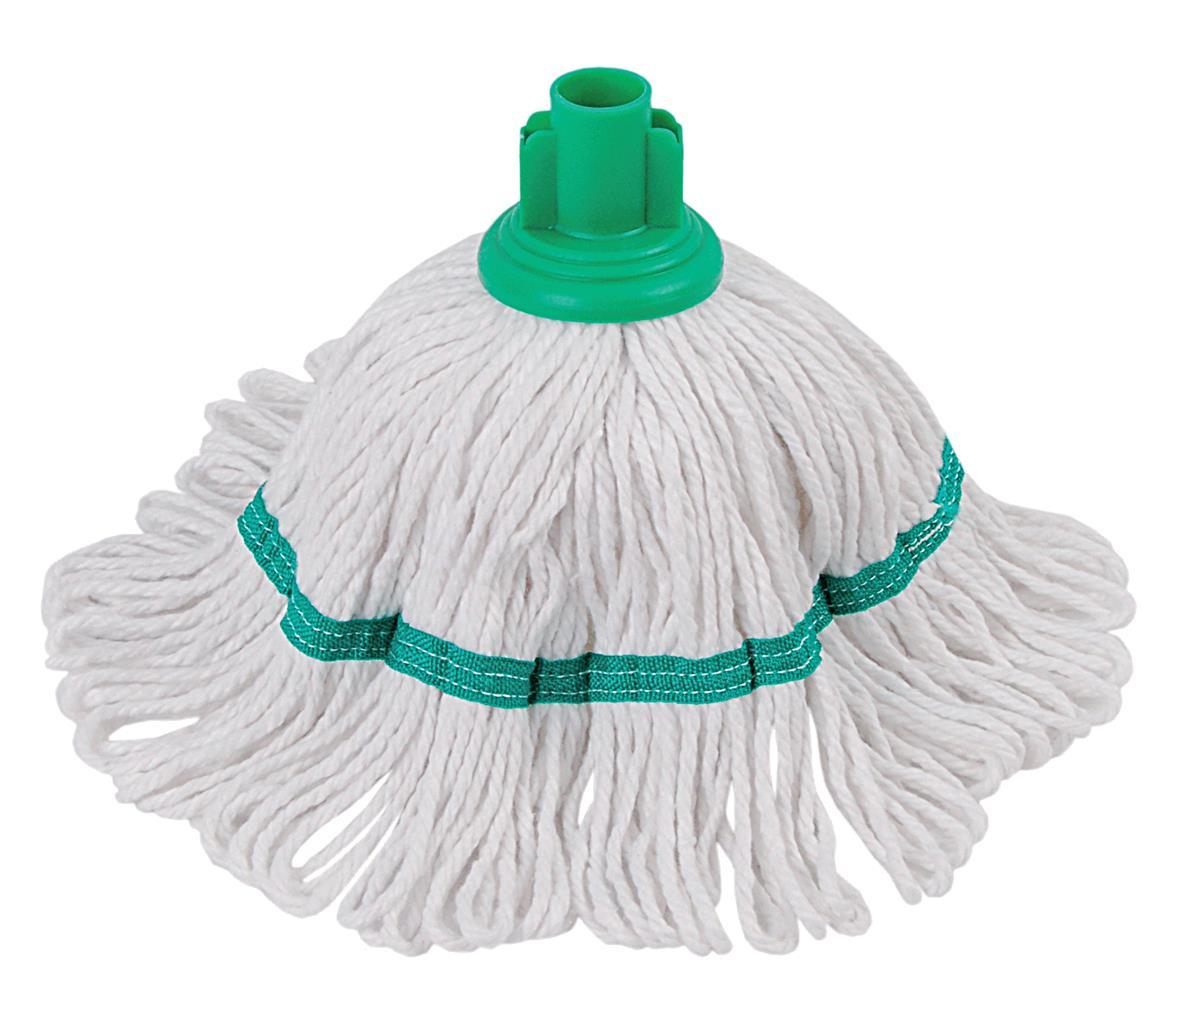 Robert Scott & Sons Hygiemix T1 Socket Mop Cotton & Synthetic Colour-coded 200g Green Ref 103062GREEN